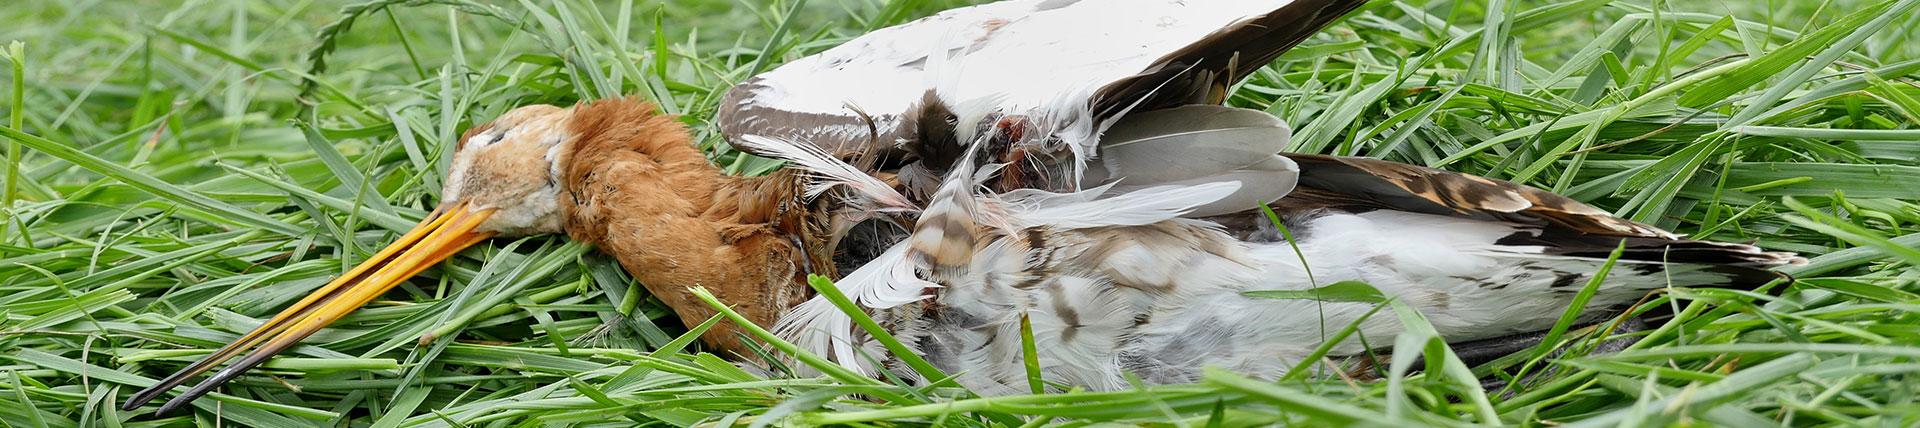 reddegrutto-vogelwerkgroep-geesteren2